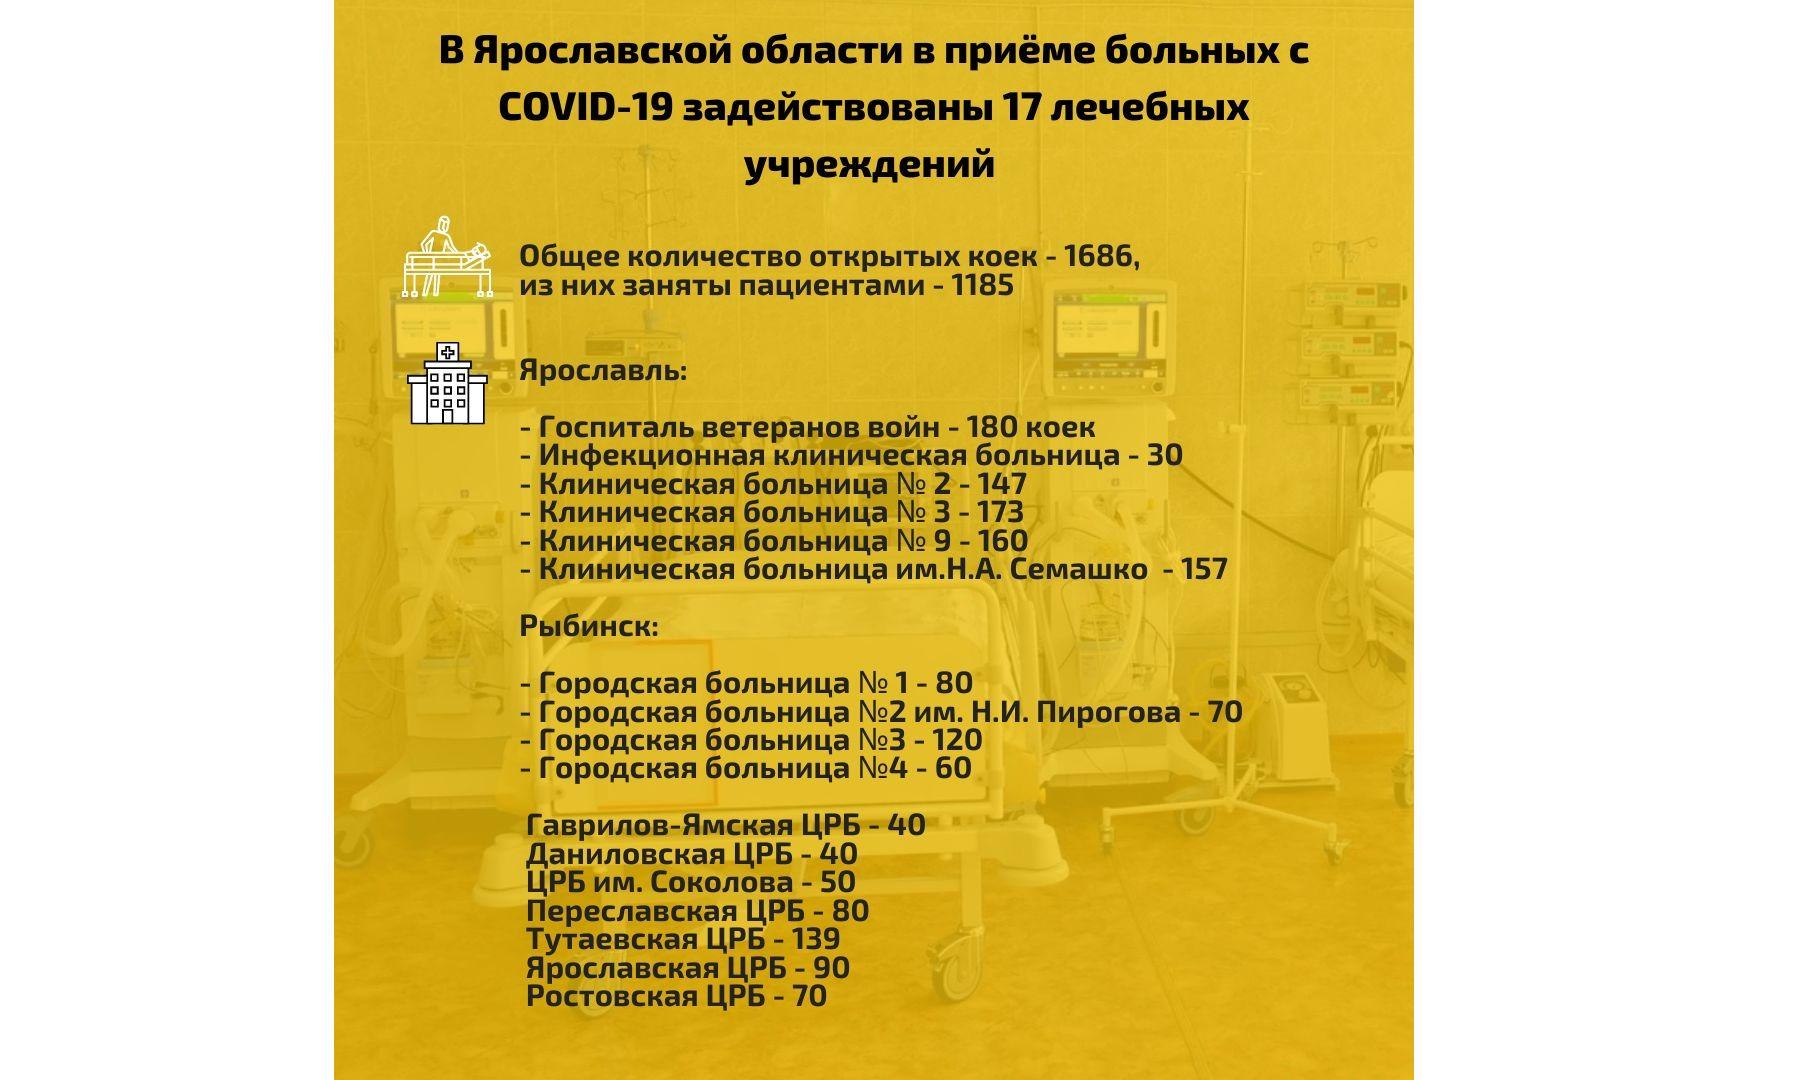 В Ярославской области 162 пациента с коронавирусом находятся в крайне тяжелом и тяжелом состоянии